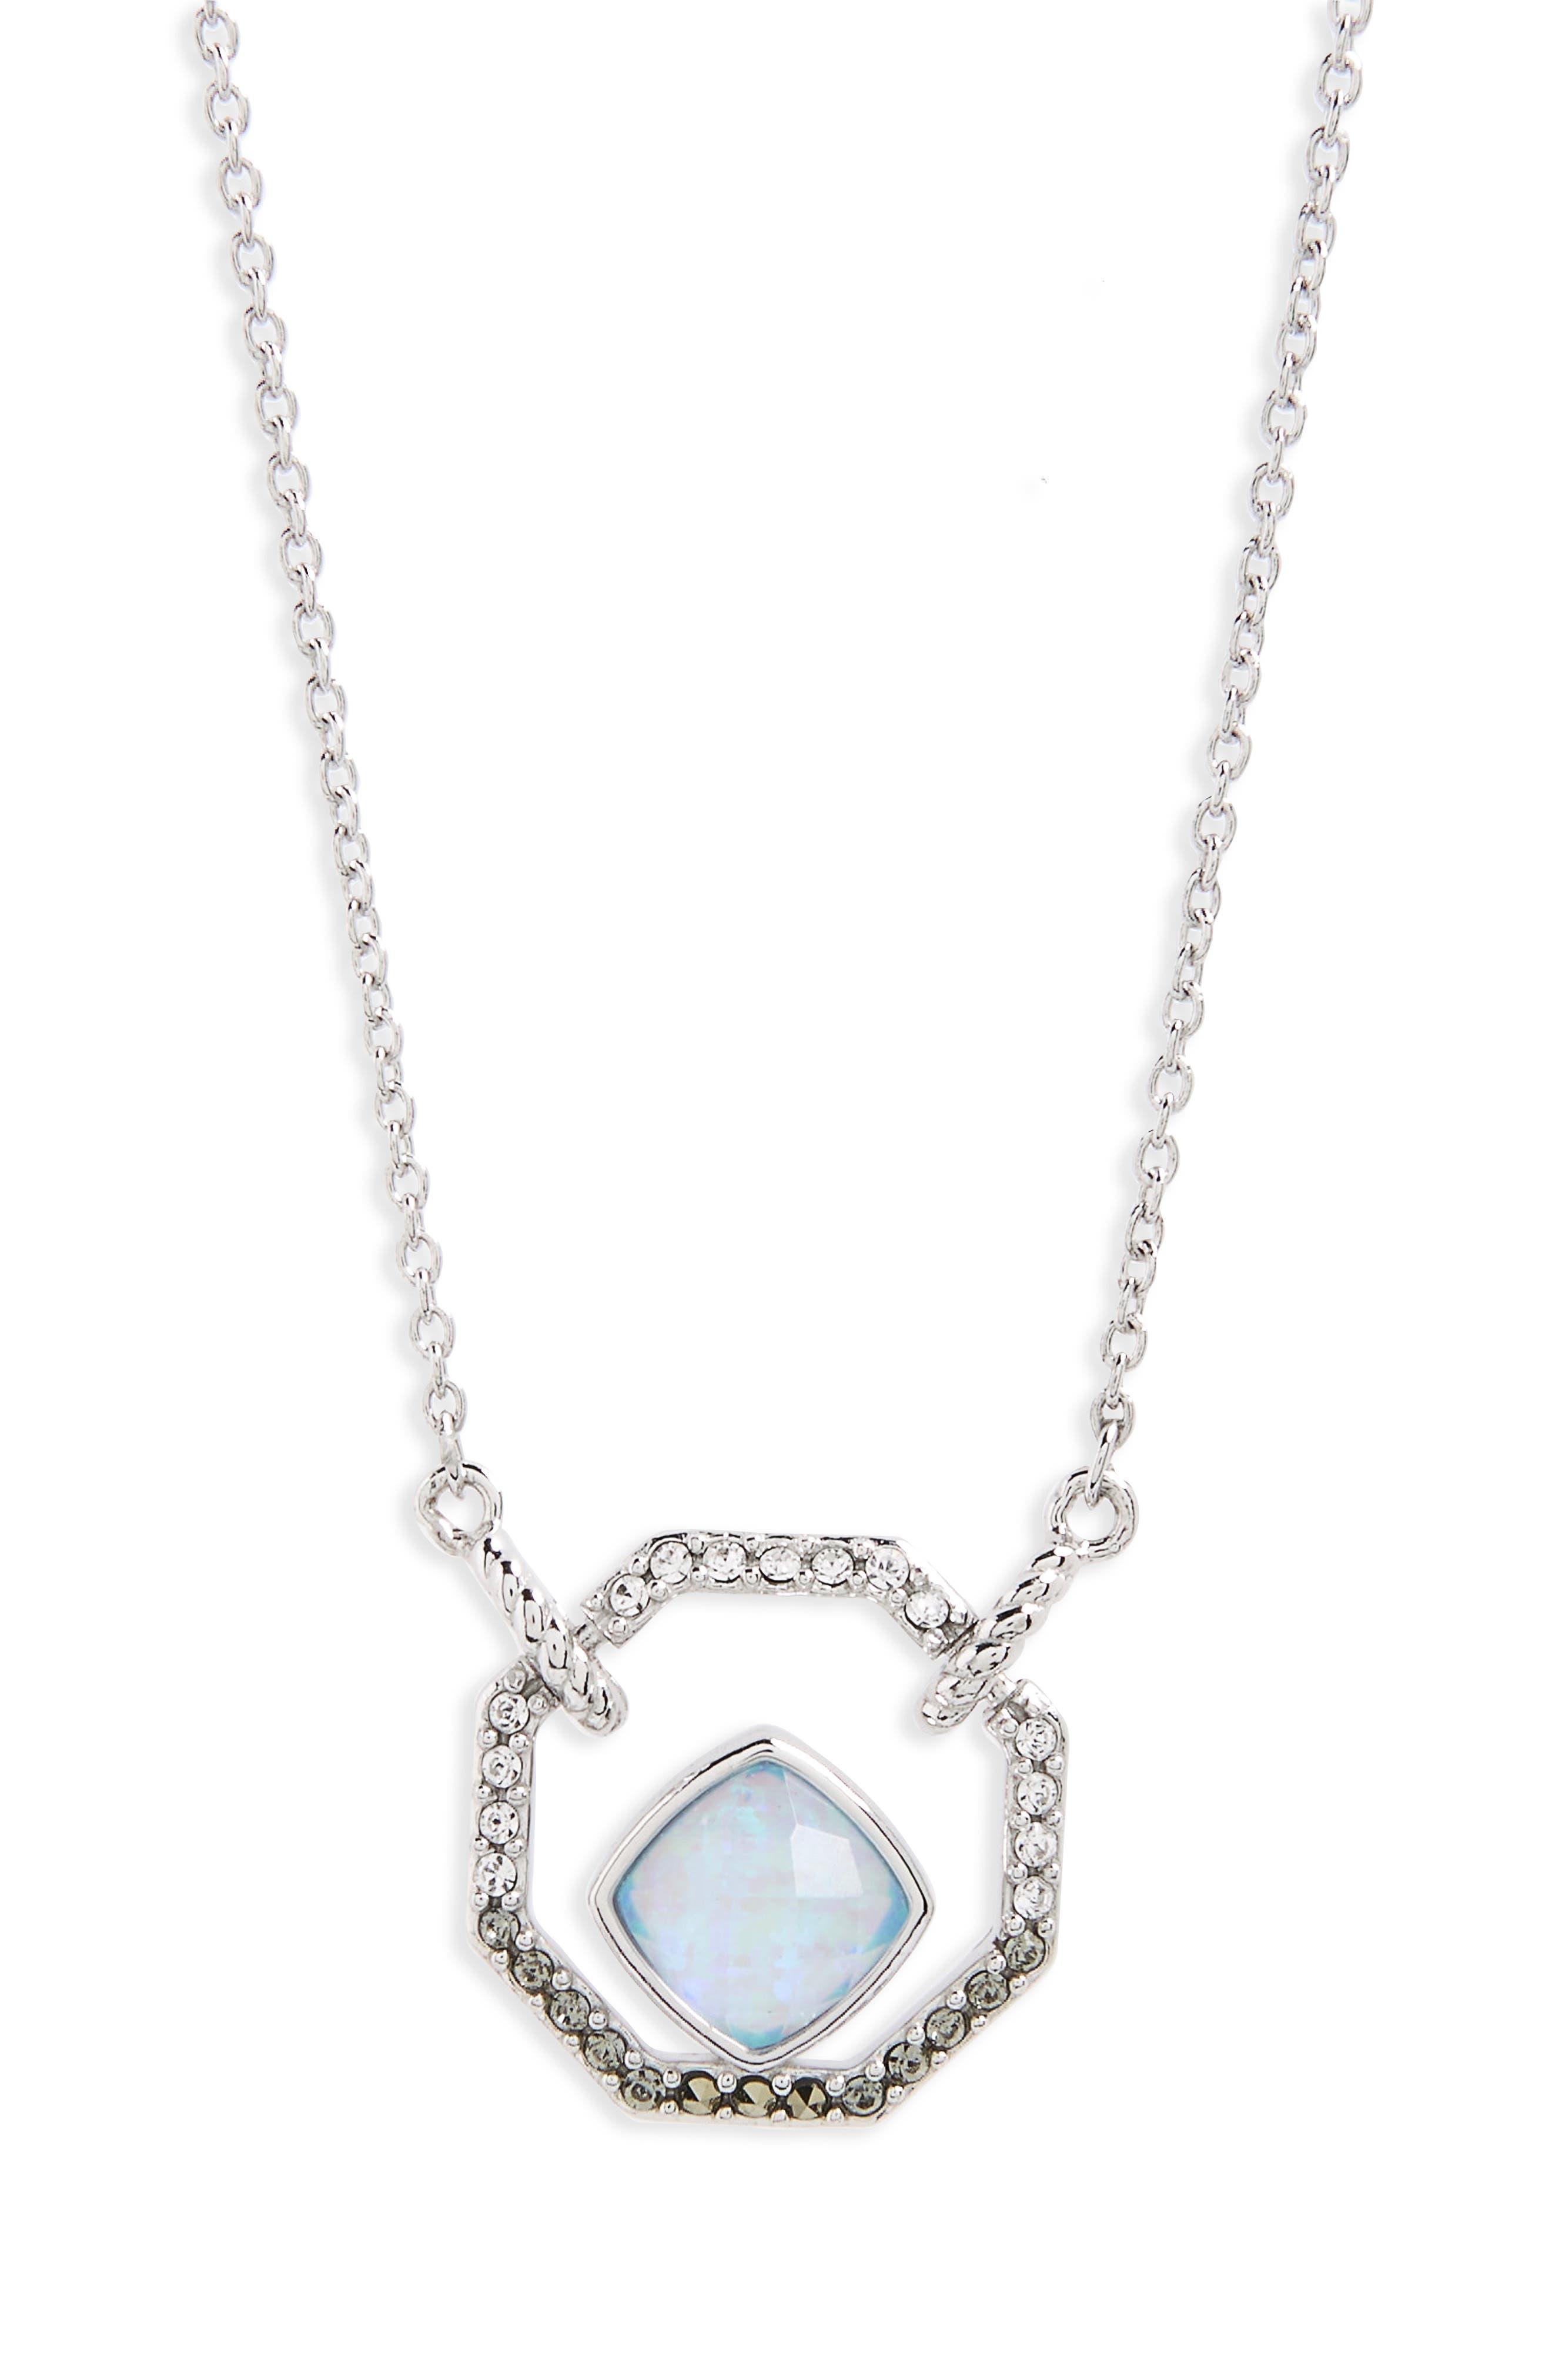 Paradise Pendant Necklace,                             Main thumbnail 1, color,                             Opal/ Black Diamond/ Marcasite